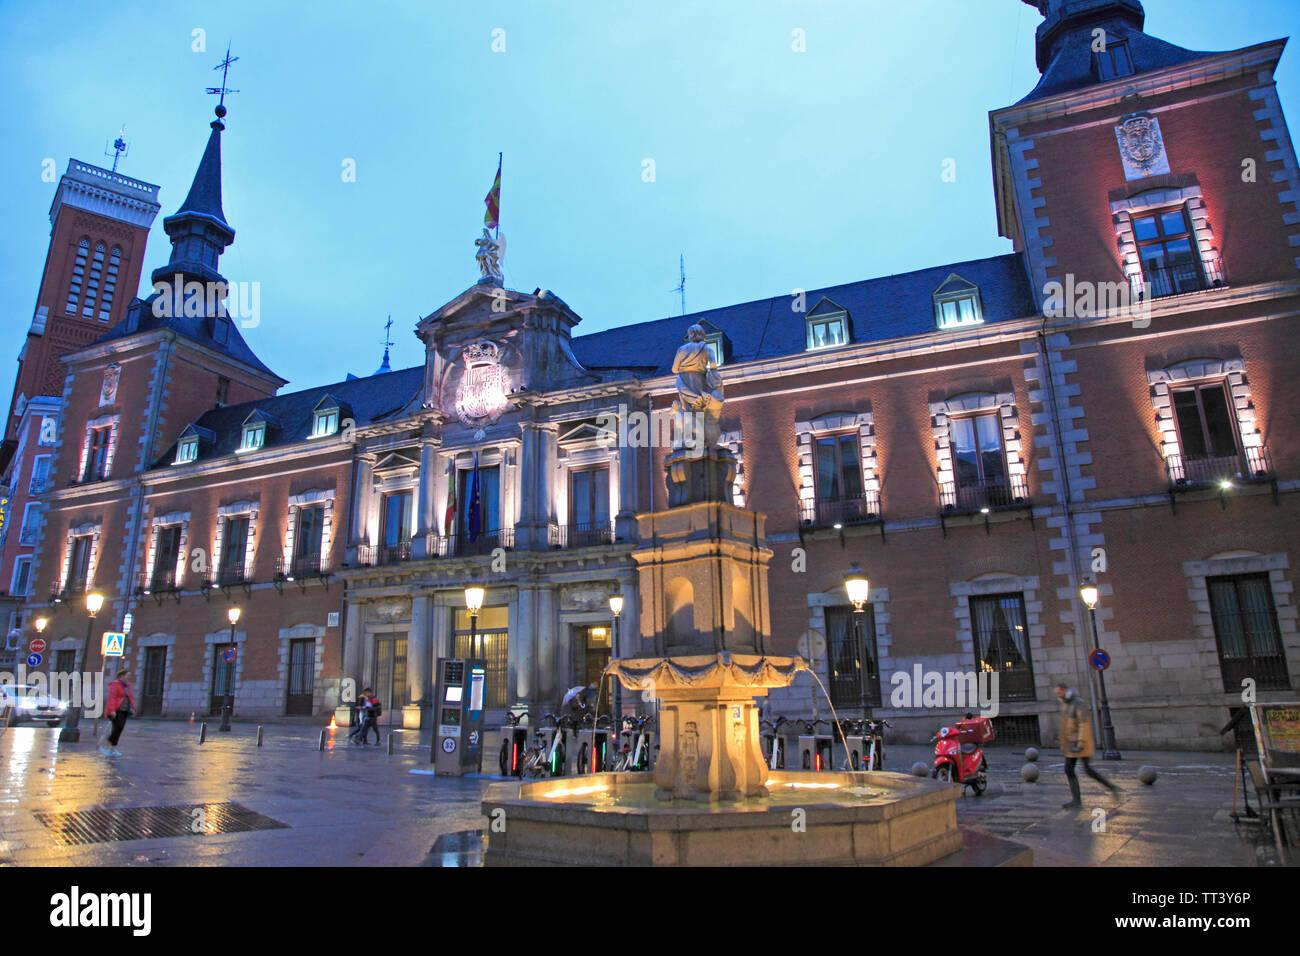 España, Madrid, Plaza de la provincia, el Palacio de Santa Cruz, fuente, Imagen De Stock